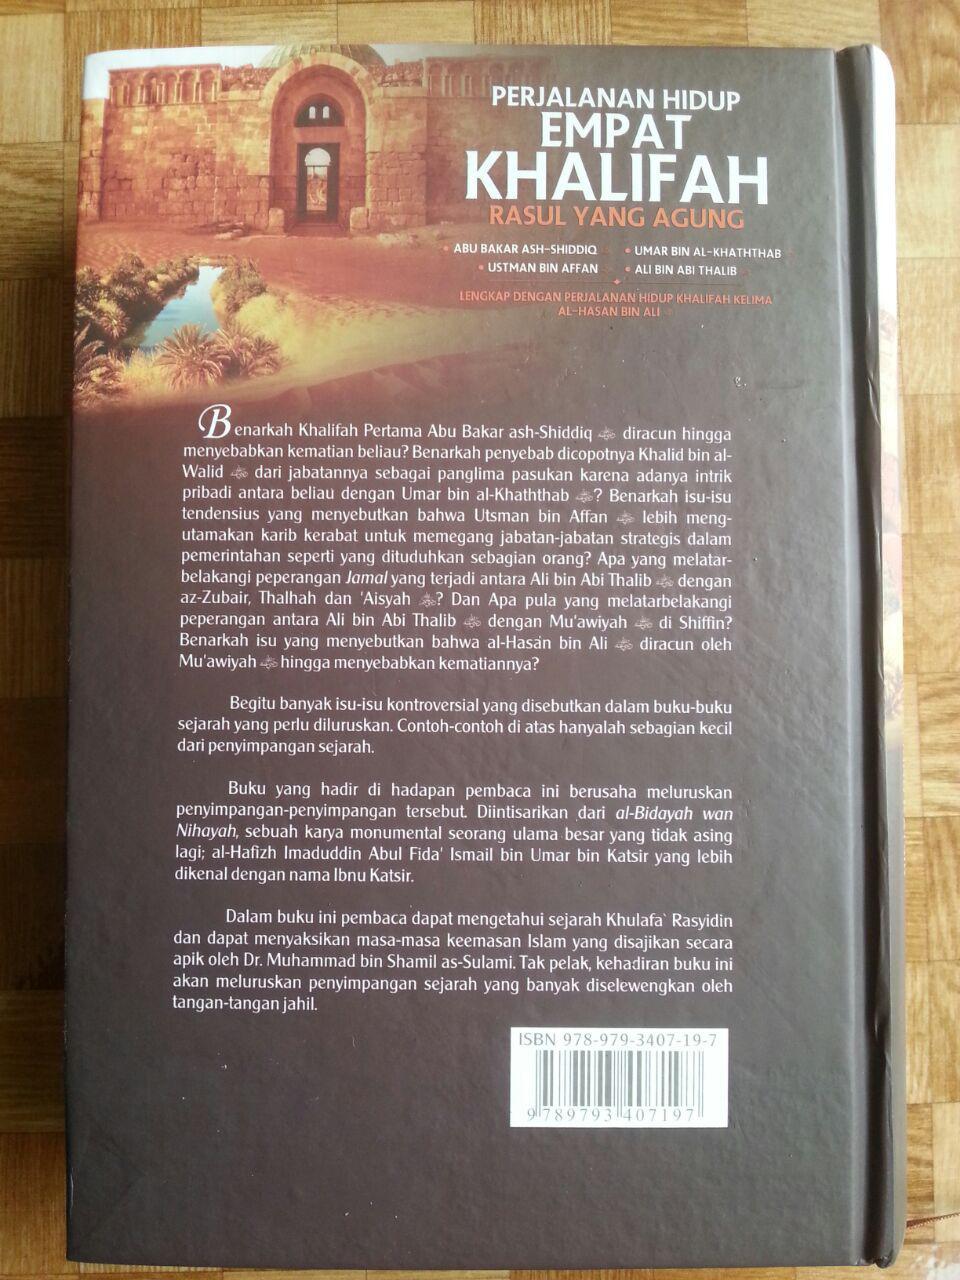 Buku Perjalanan Hidup Empat Khalifah Rasul Yang Agung cover